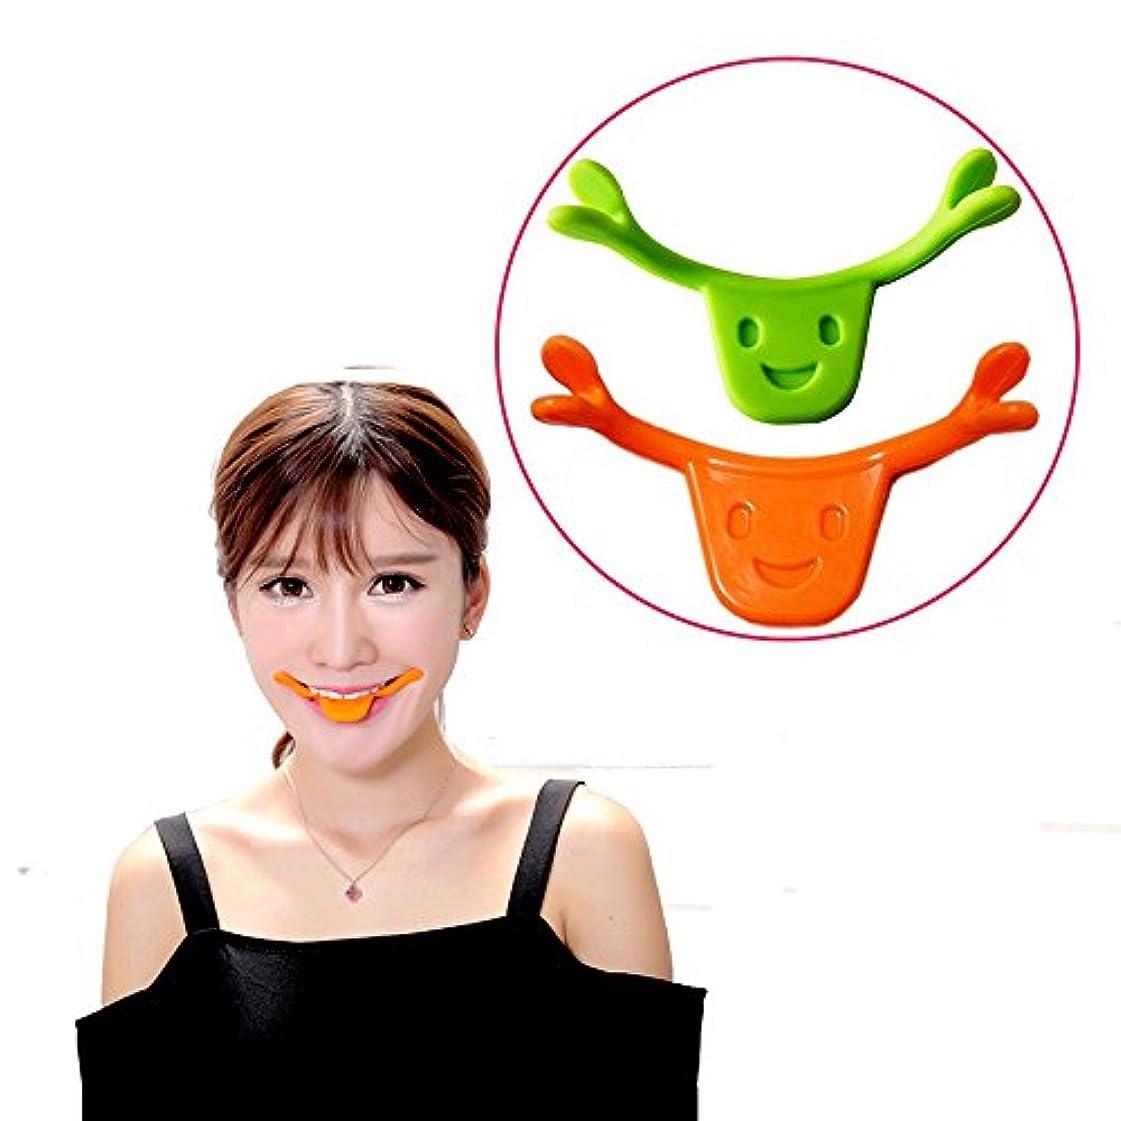 シェフ縫う指令表情筋 トレーニング 小顔 ストレッチ ほうれい線 二重 あご 消す 口角を上げるグッズ 美顔 顔痩せ リフトアップ マウスピース フェイシャルフィットネス (オレンジ)